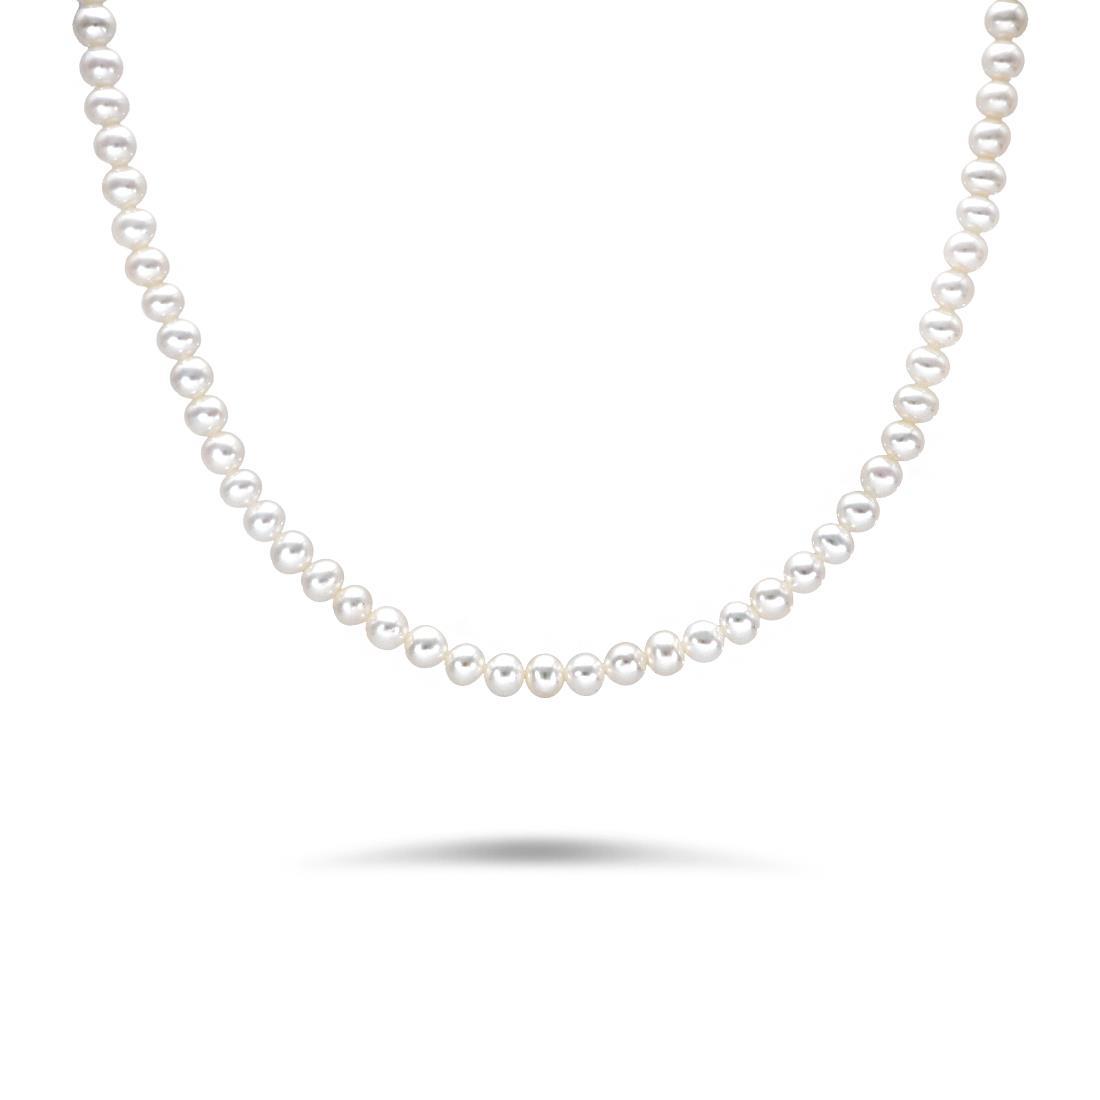 Collana filo di perle - MAYUMI